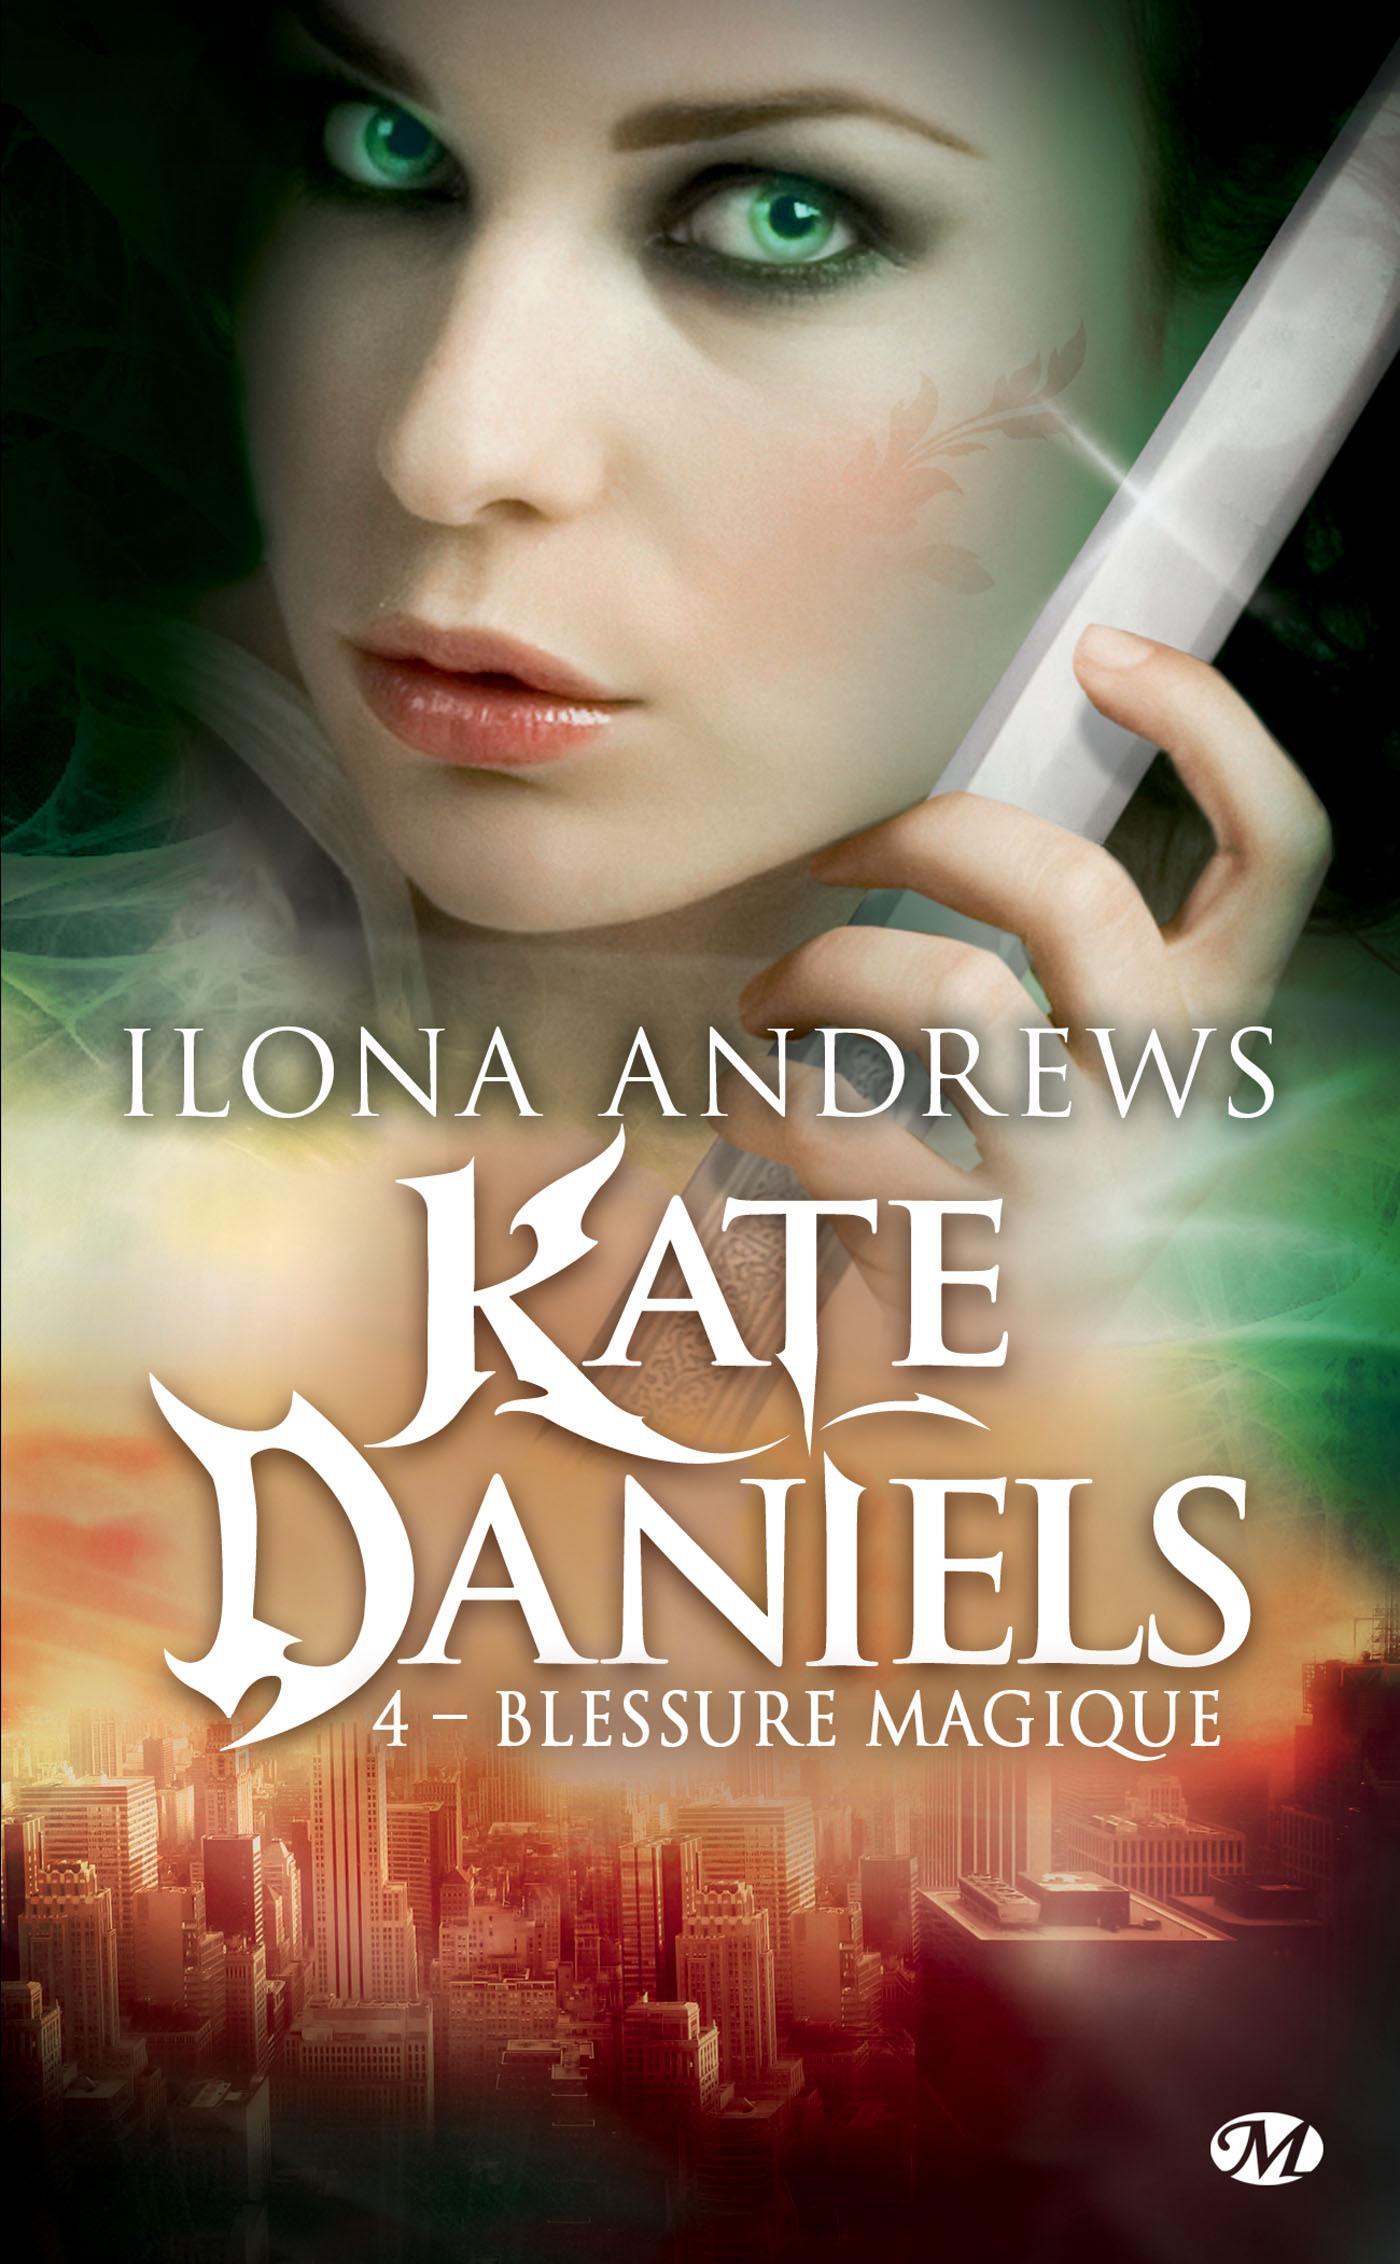 Blessure magique, KATE DANIELS, T4